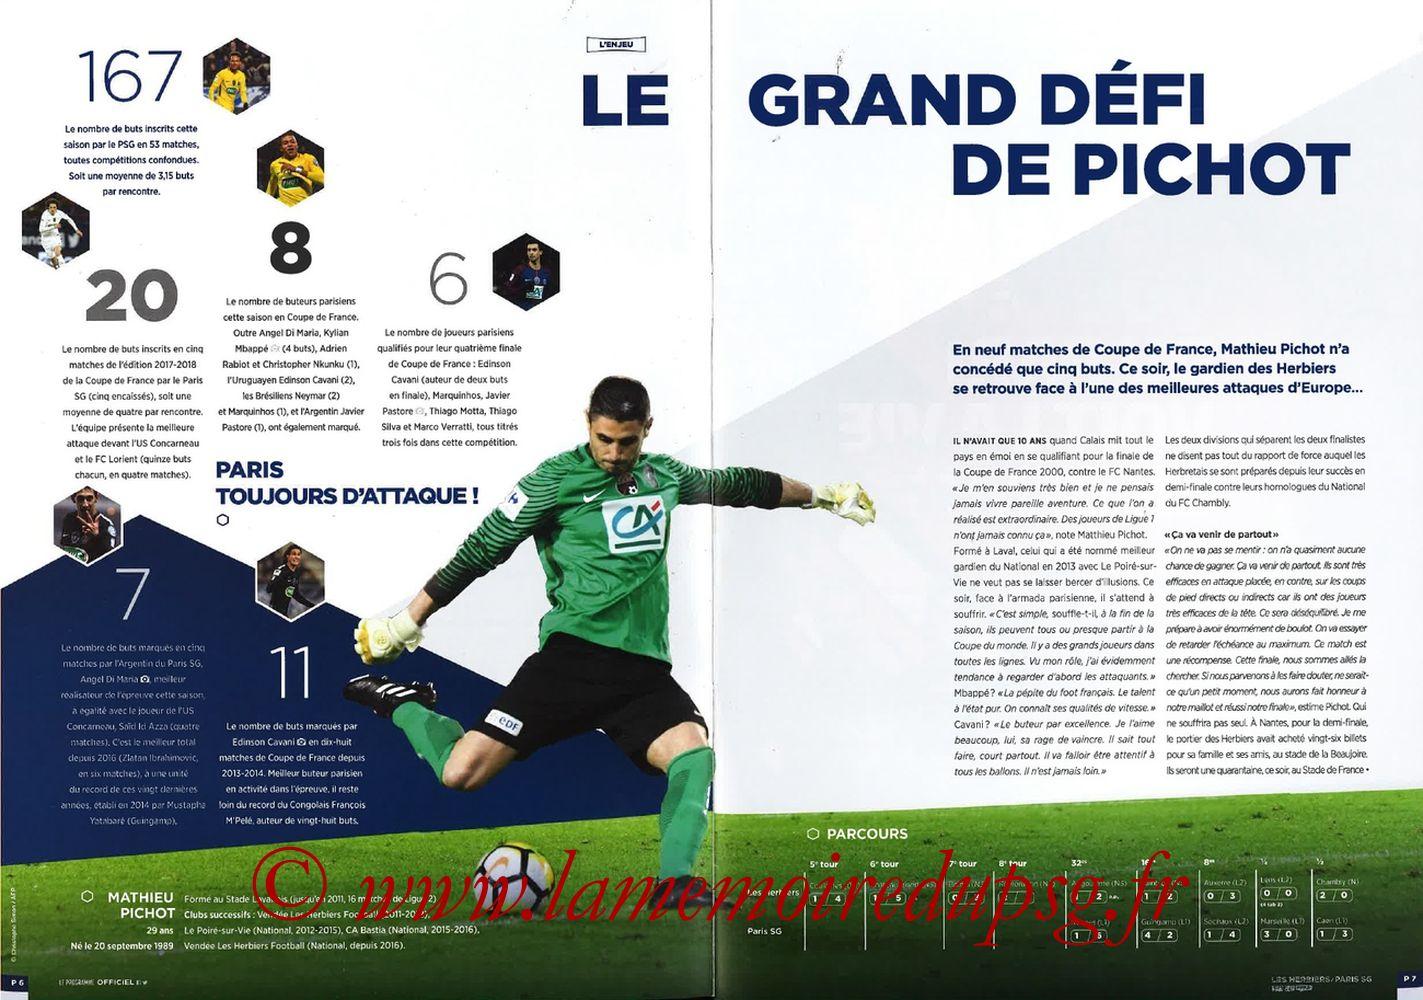 2018-05-08  Les Herbiers-PSG (Finale CF à Saint-Denis, Programme officiel FFF) - Pages 06 et 07